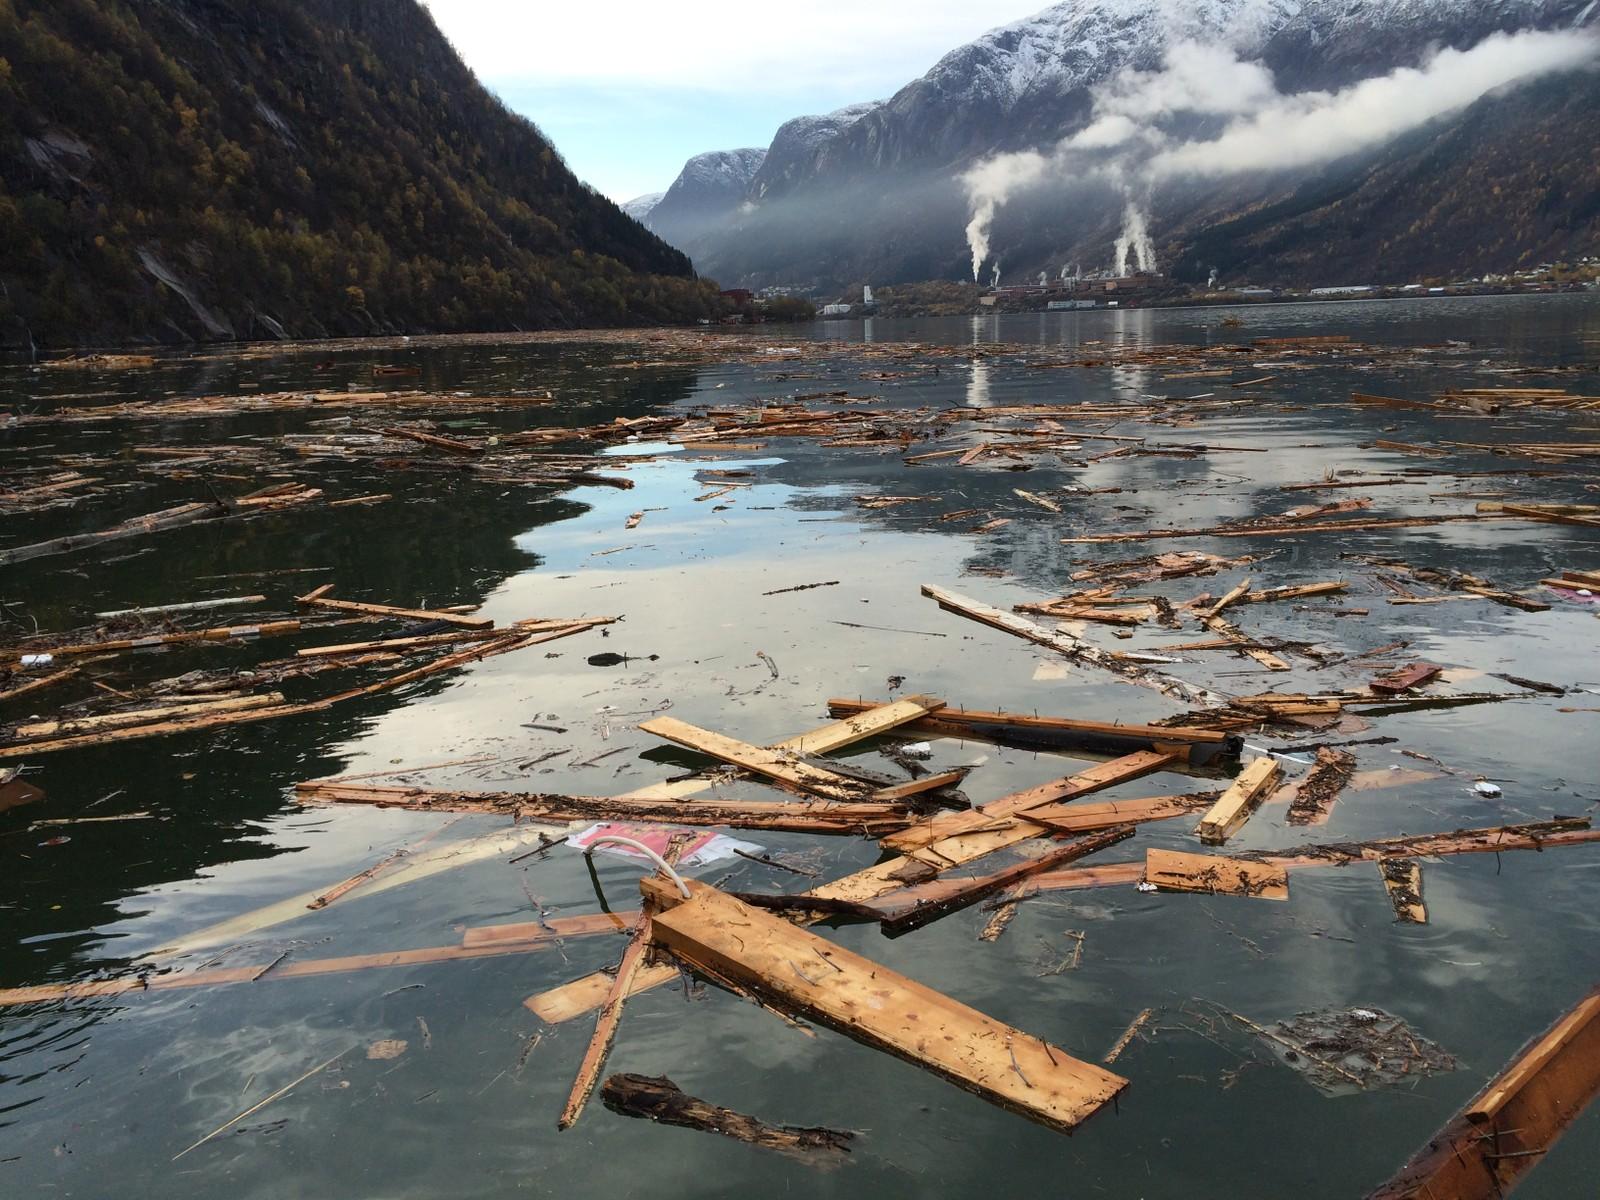 Flaumen i Opo-elva laga store spor i Sørfjorden i Hardanger. Det tok fleire dagar å rydda opp alt det knuste som hamna i fjorden i oktober i fjor.